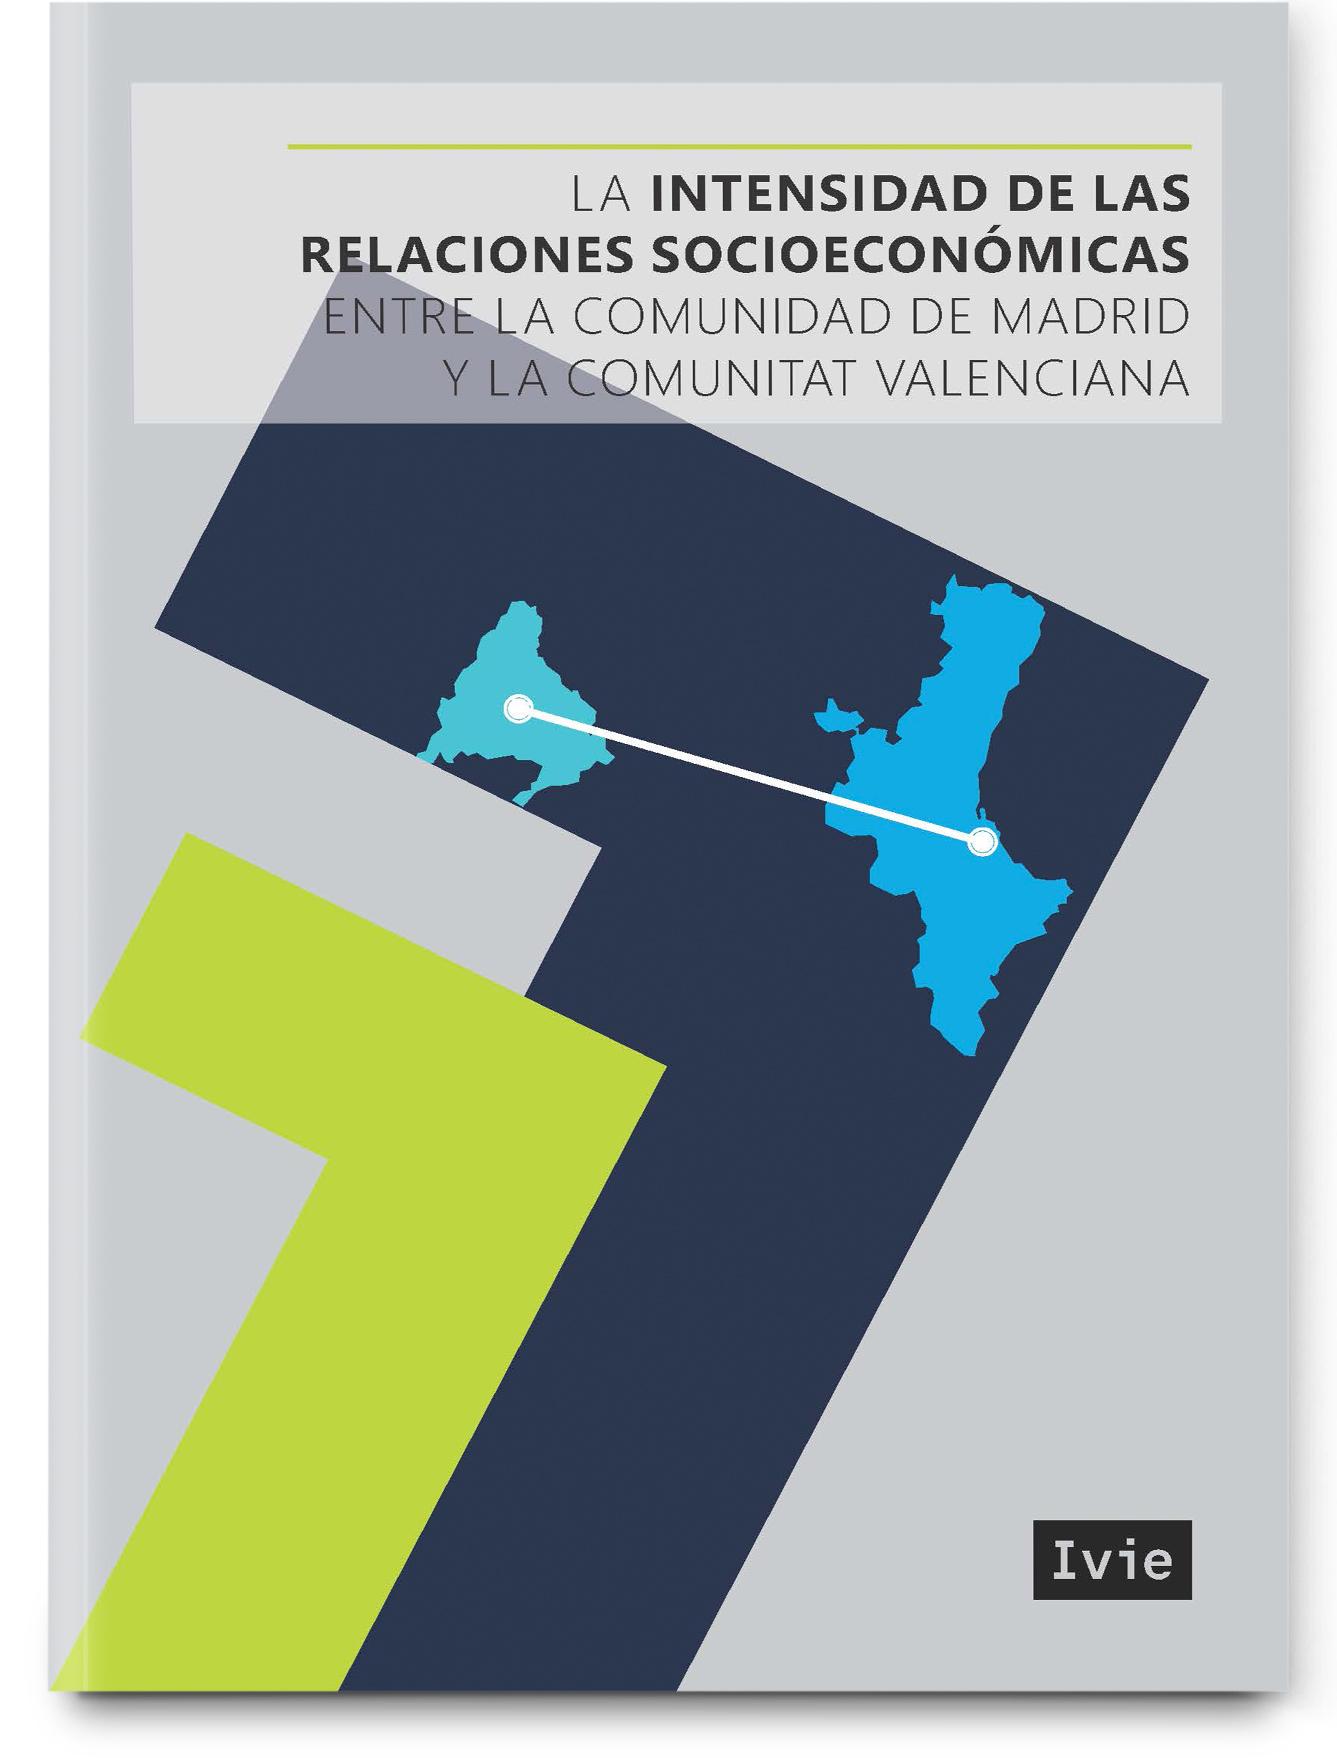 La intensidad de las relaciones económicas entre Madrid y la Comunitat Valenciana